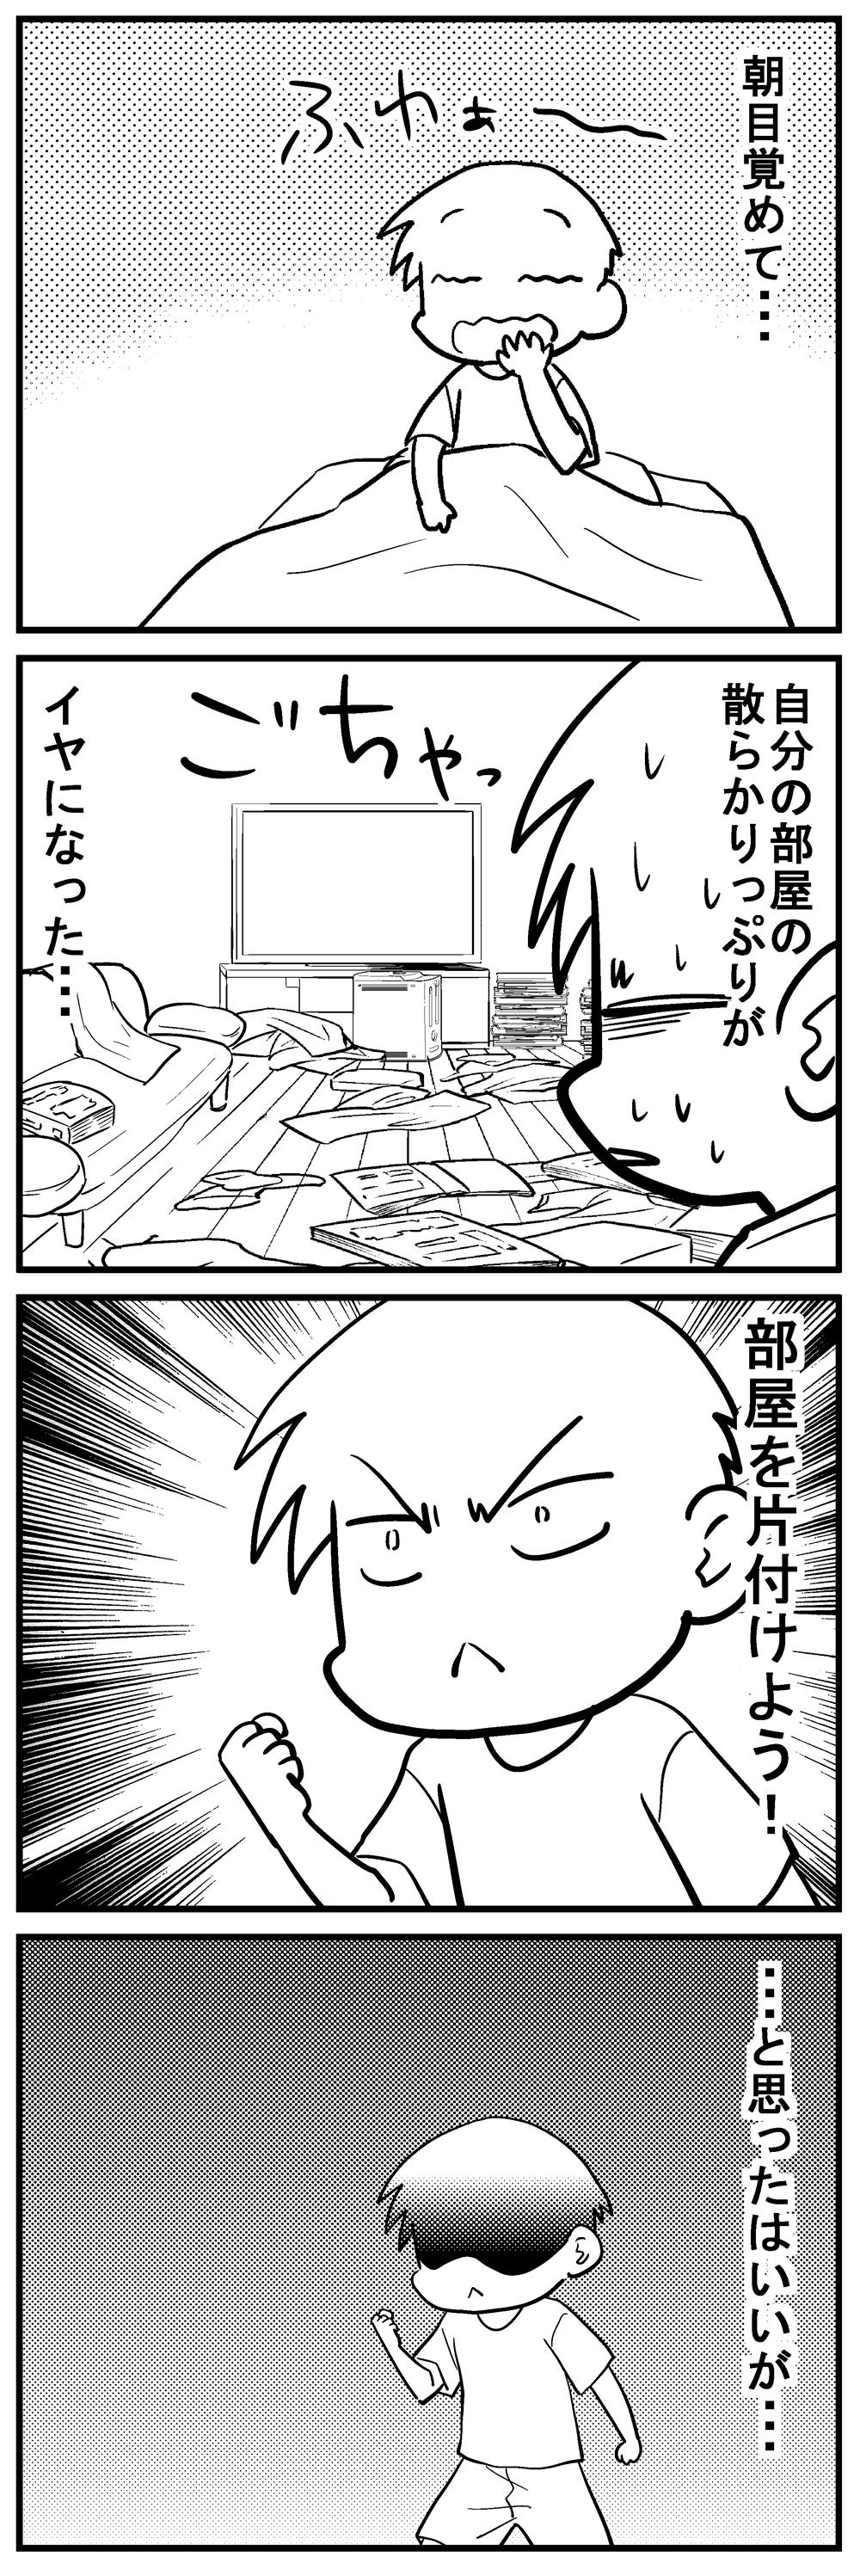 深読みくん74-1